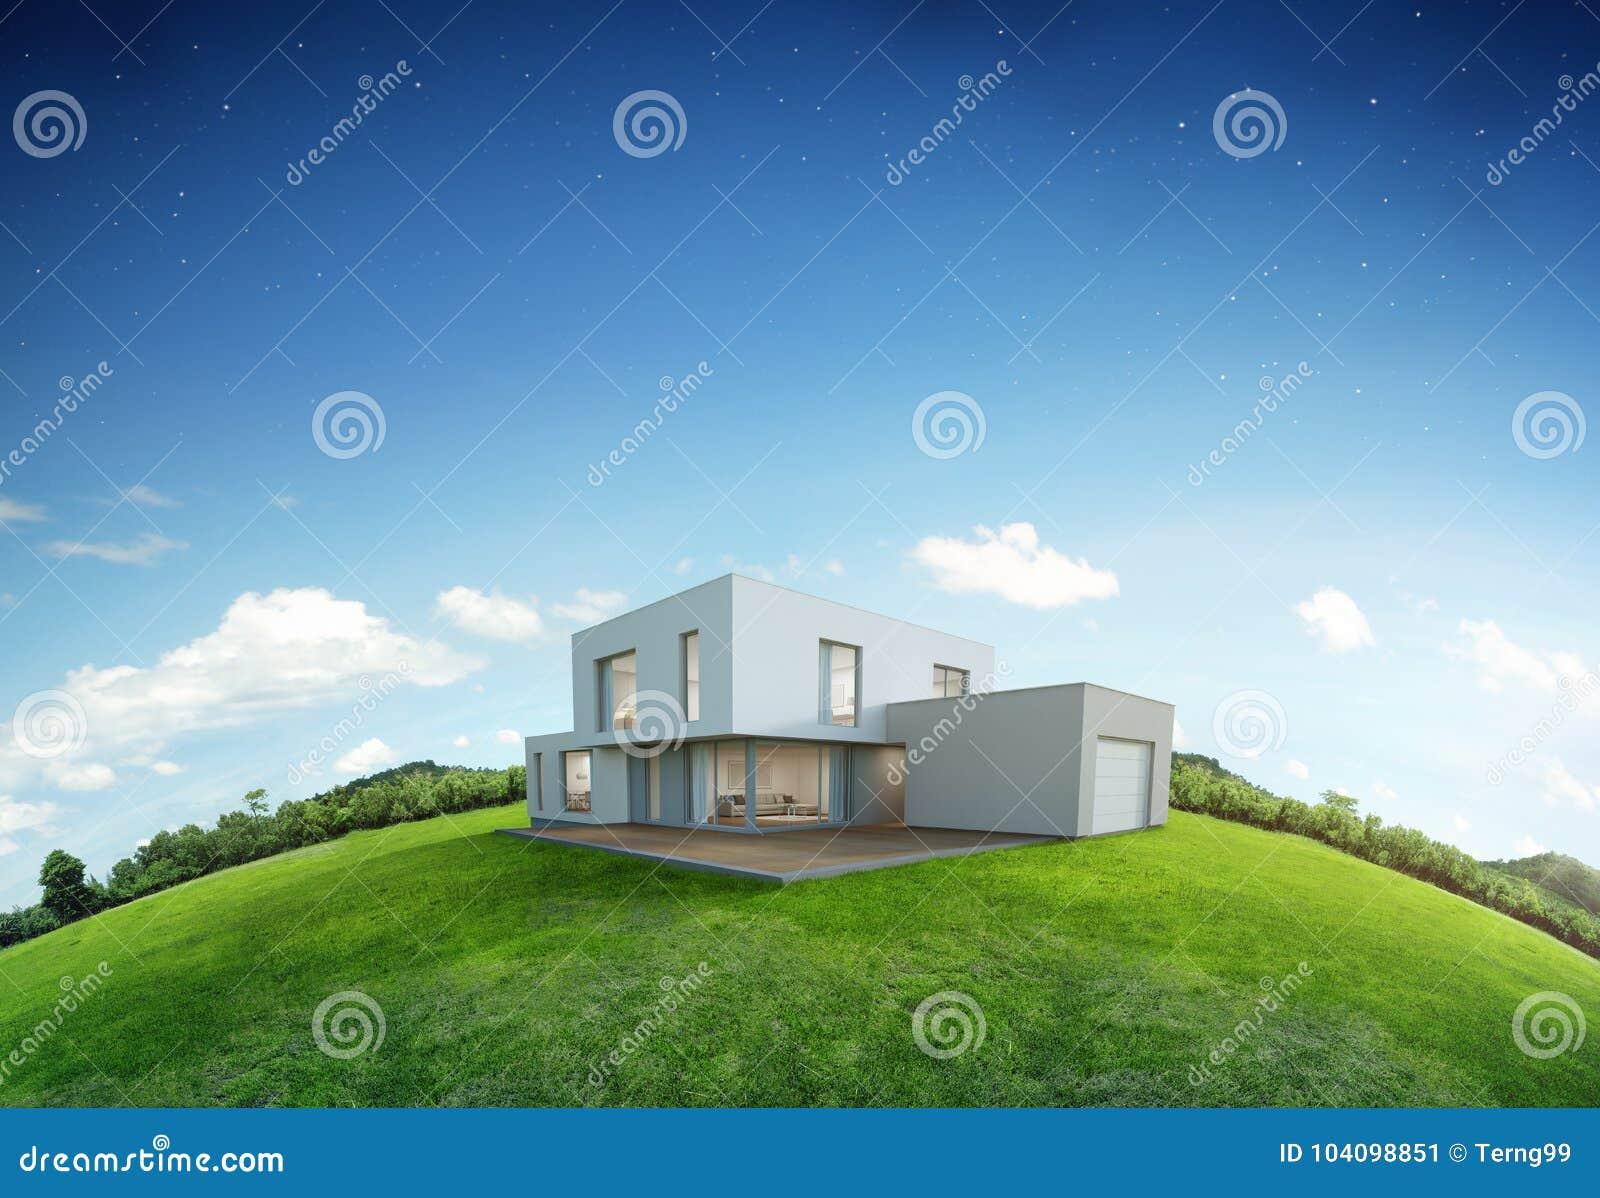 Modernes Haus Auf Erde Und Grünem Gras Mit Hintergrund Des Blauen ...